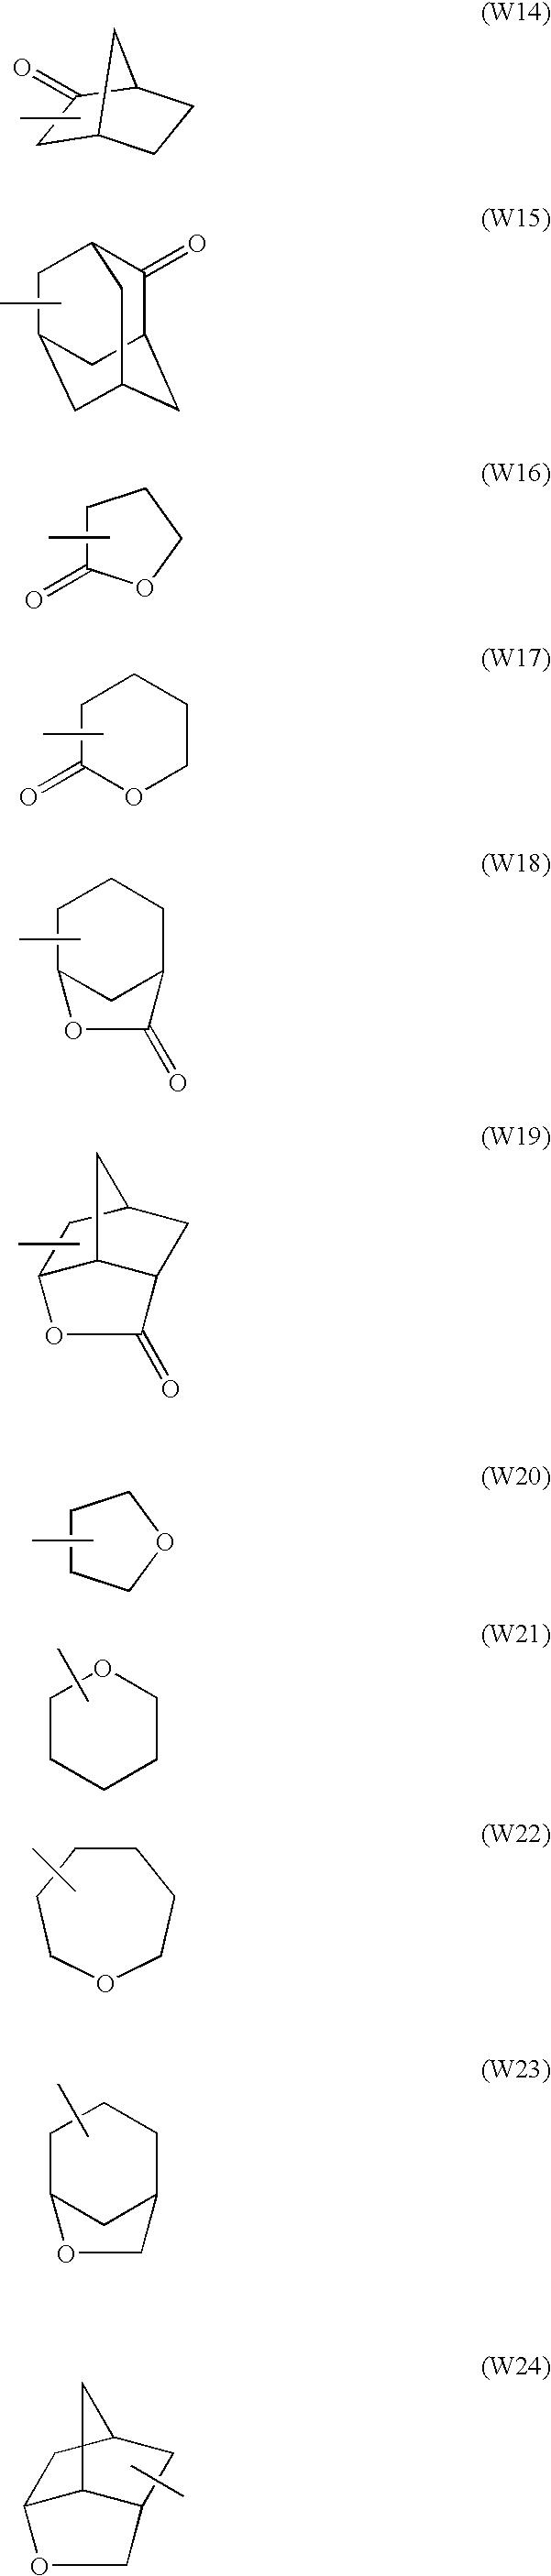 Figure US20100323296A1-20101223-C00070